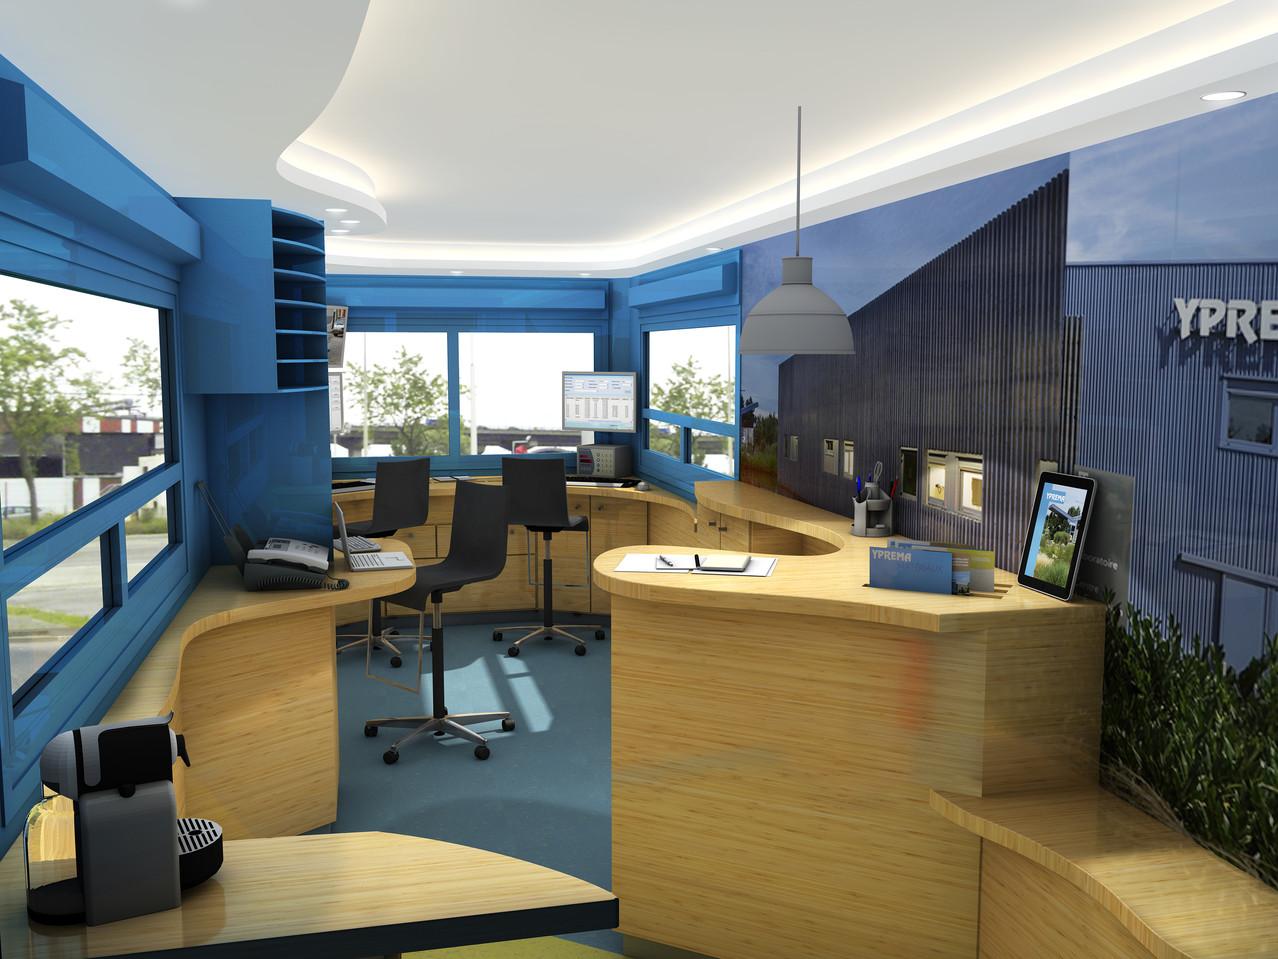 ergonomie des postes de travail dans un espace limité (2,5x5)